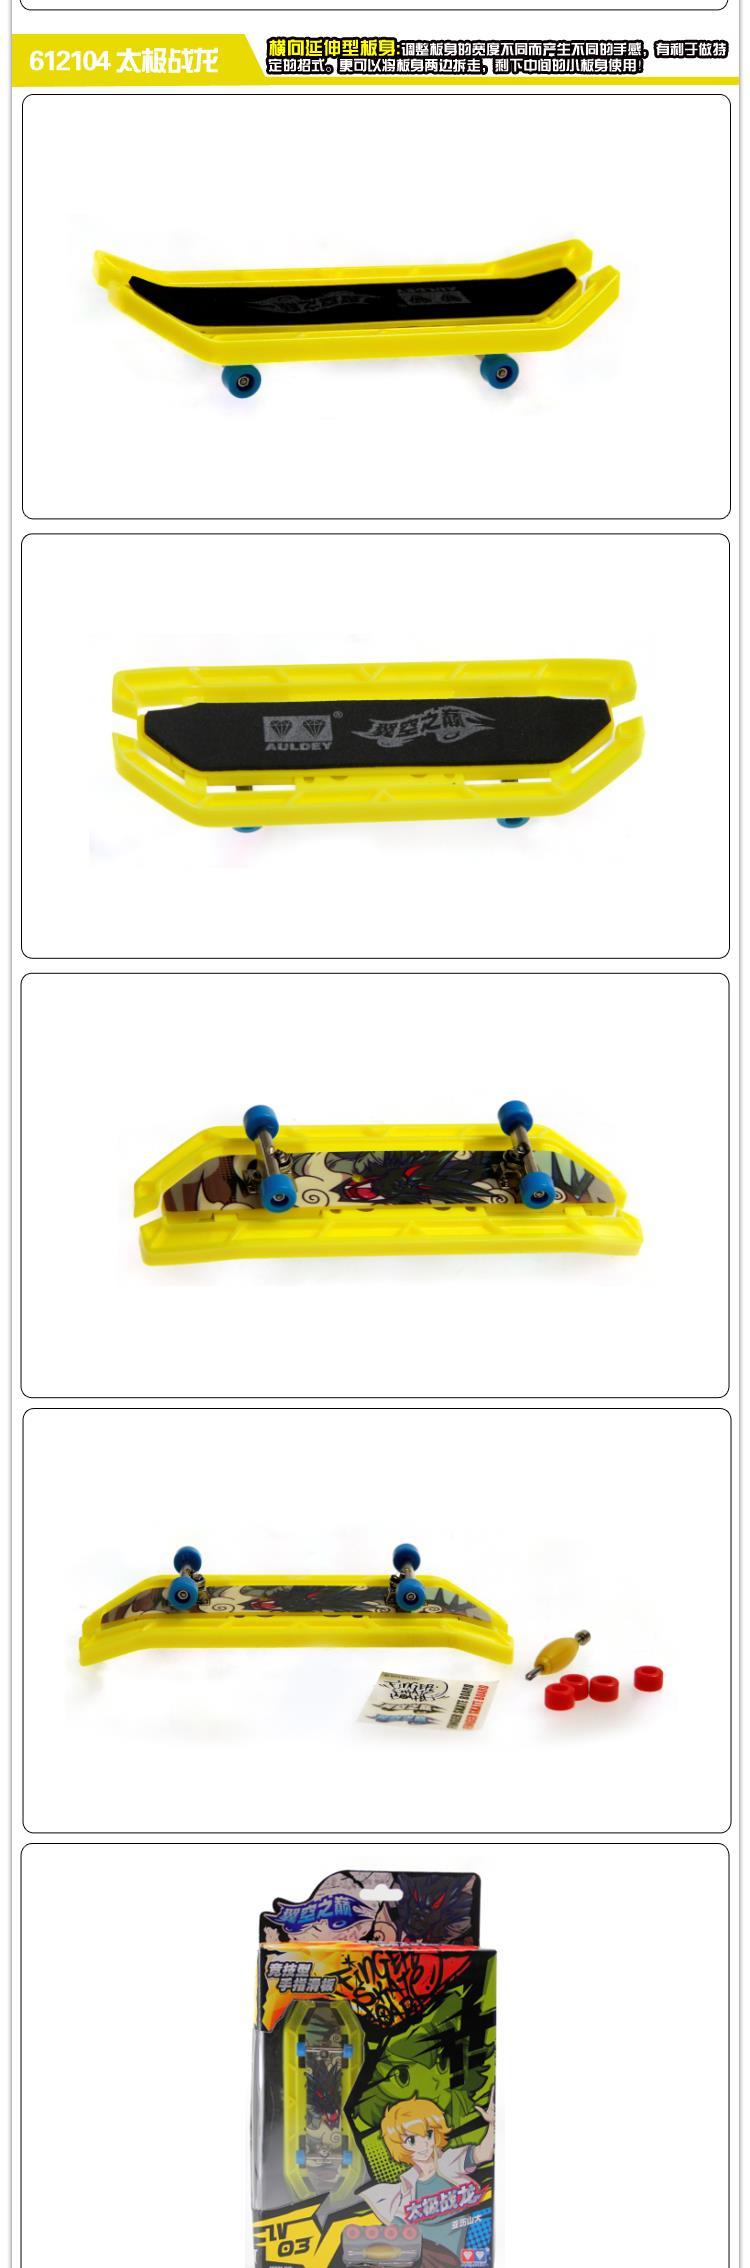 奥迪双钻 翼空之巅手指滑板 竞技型 凤舞九天手指滑板 612106